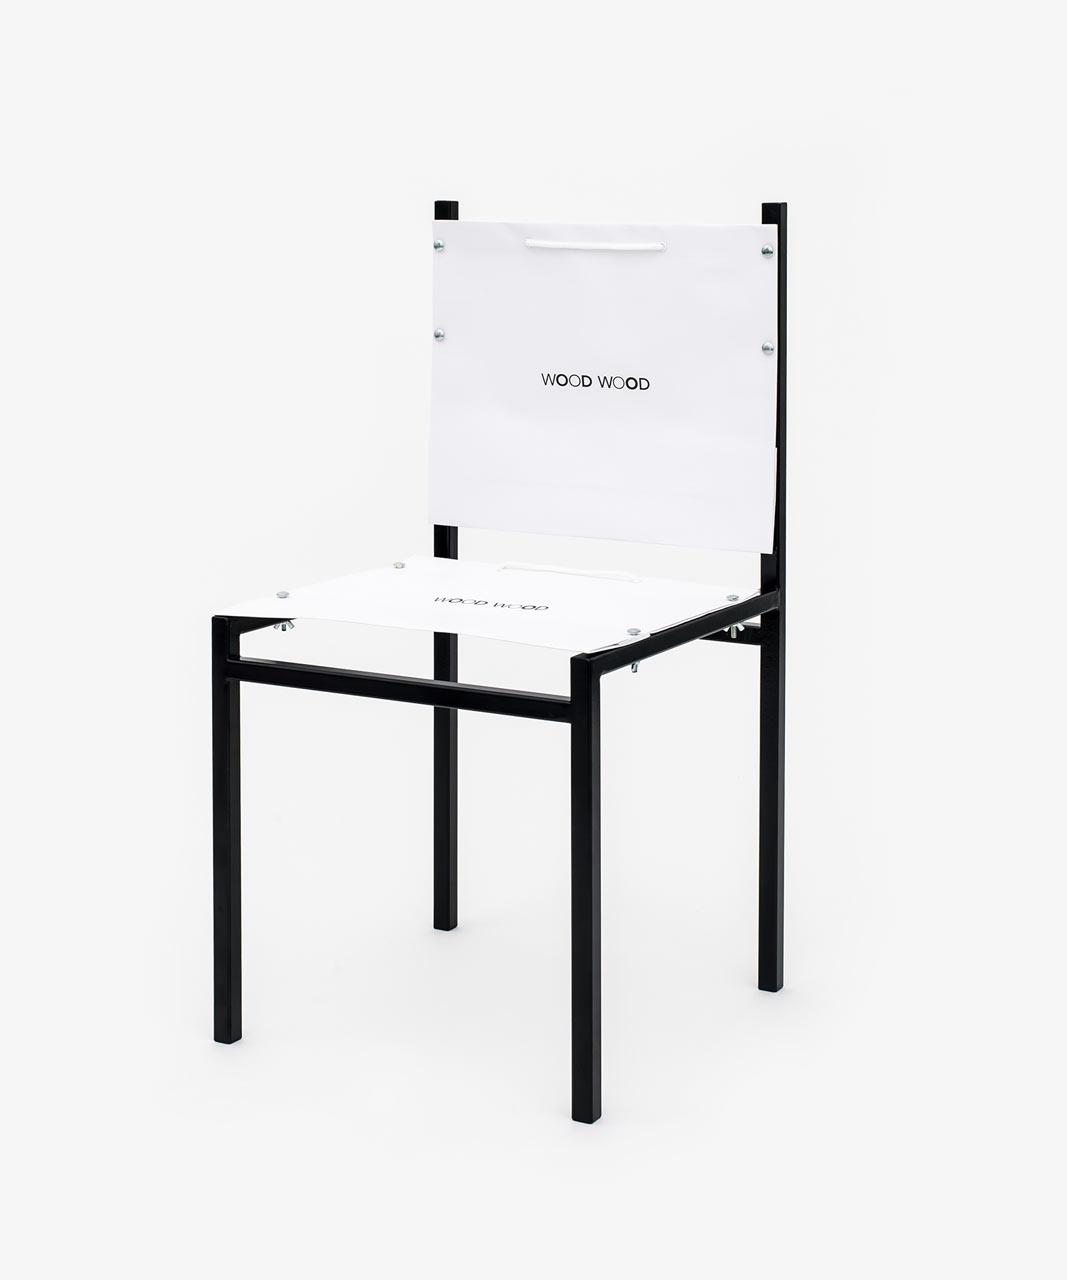 simon_freund-shopping_bag_chairs-hisheji (7)